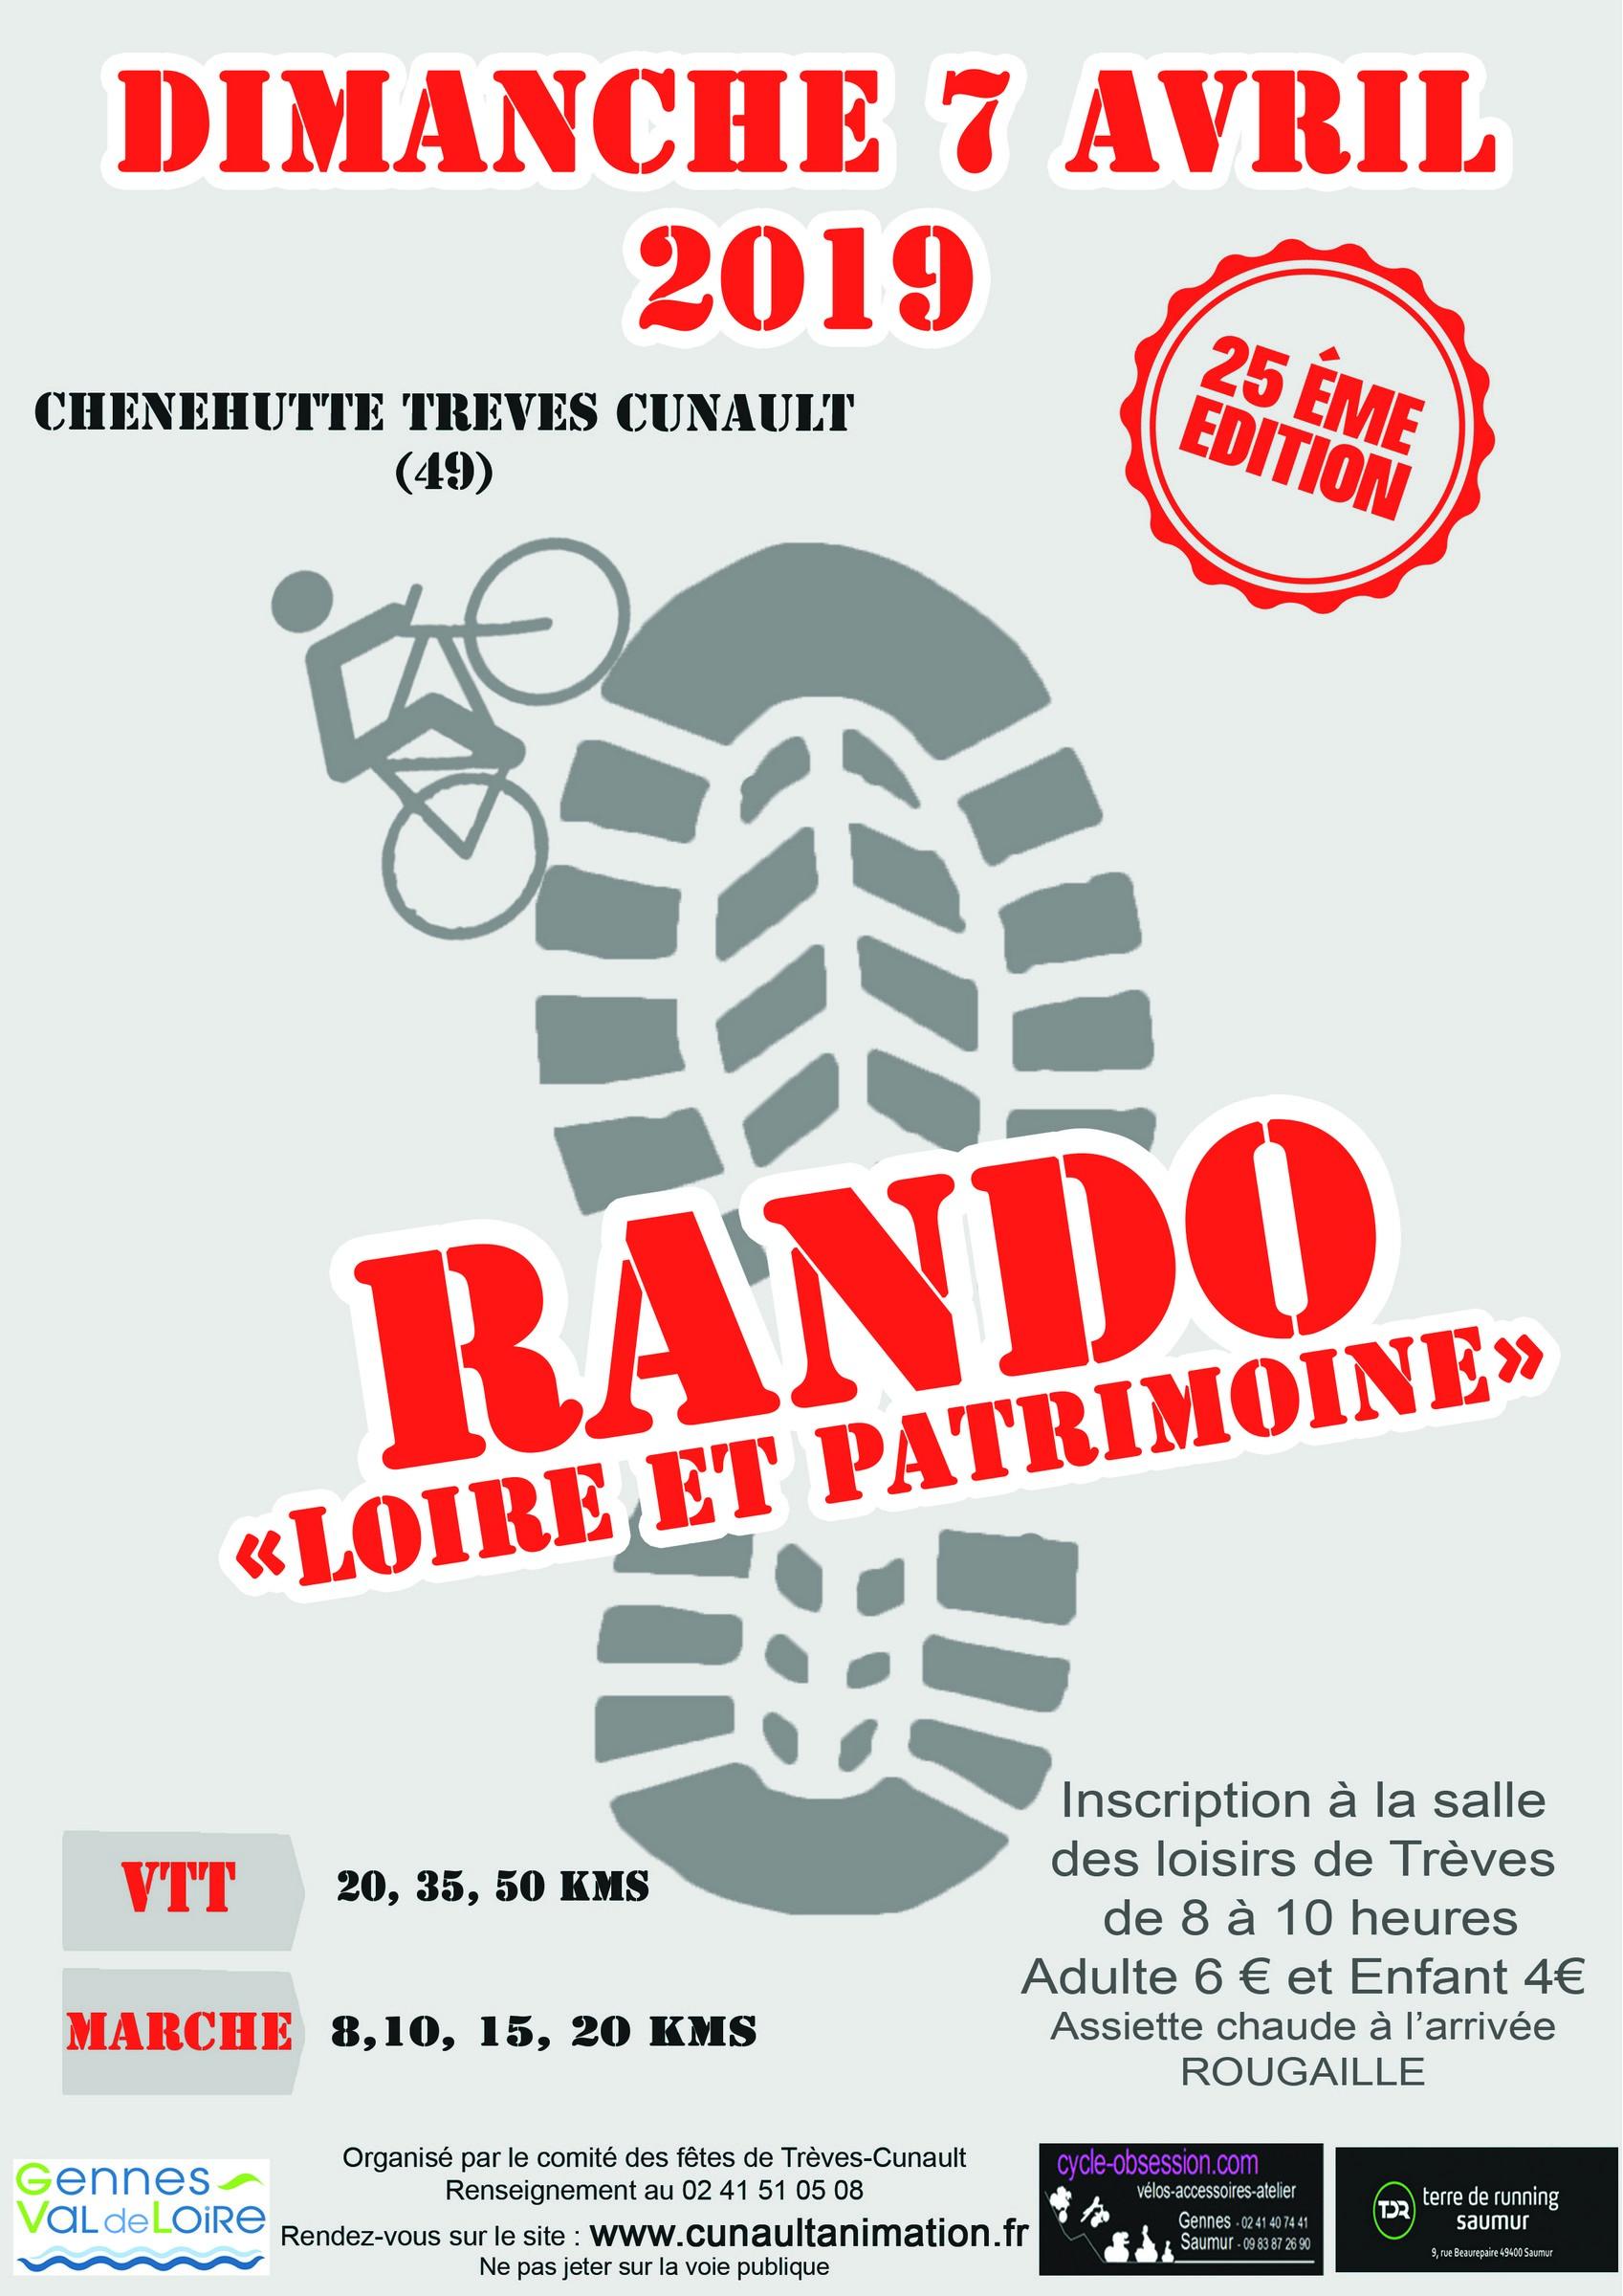 25ème Rando Loire et Patrimoine @ Salle des Loisirs de Trèves | Chênehutte-Trèves-Cunault | Pays de la Loire | France